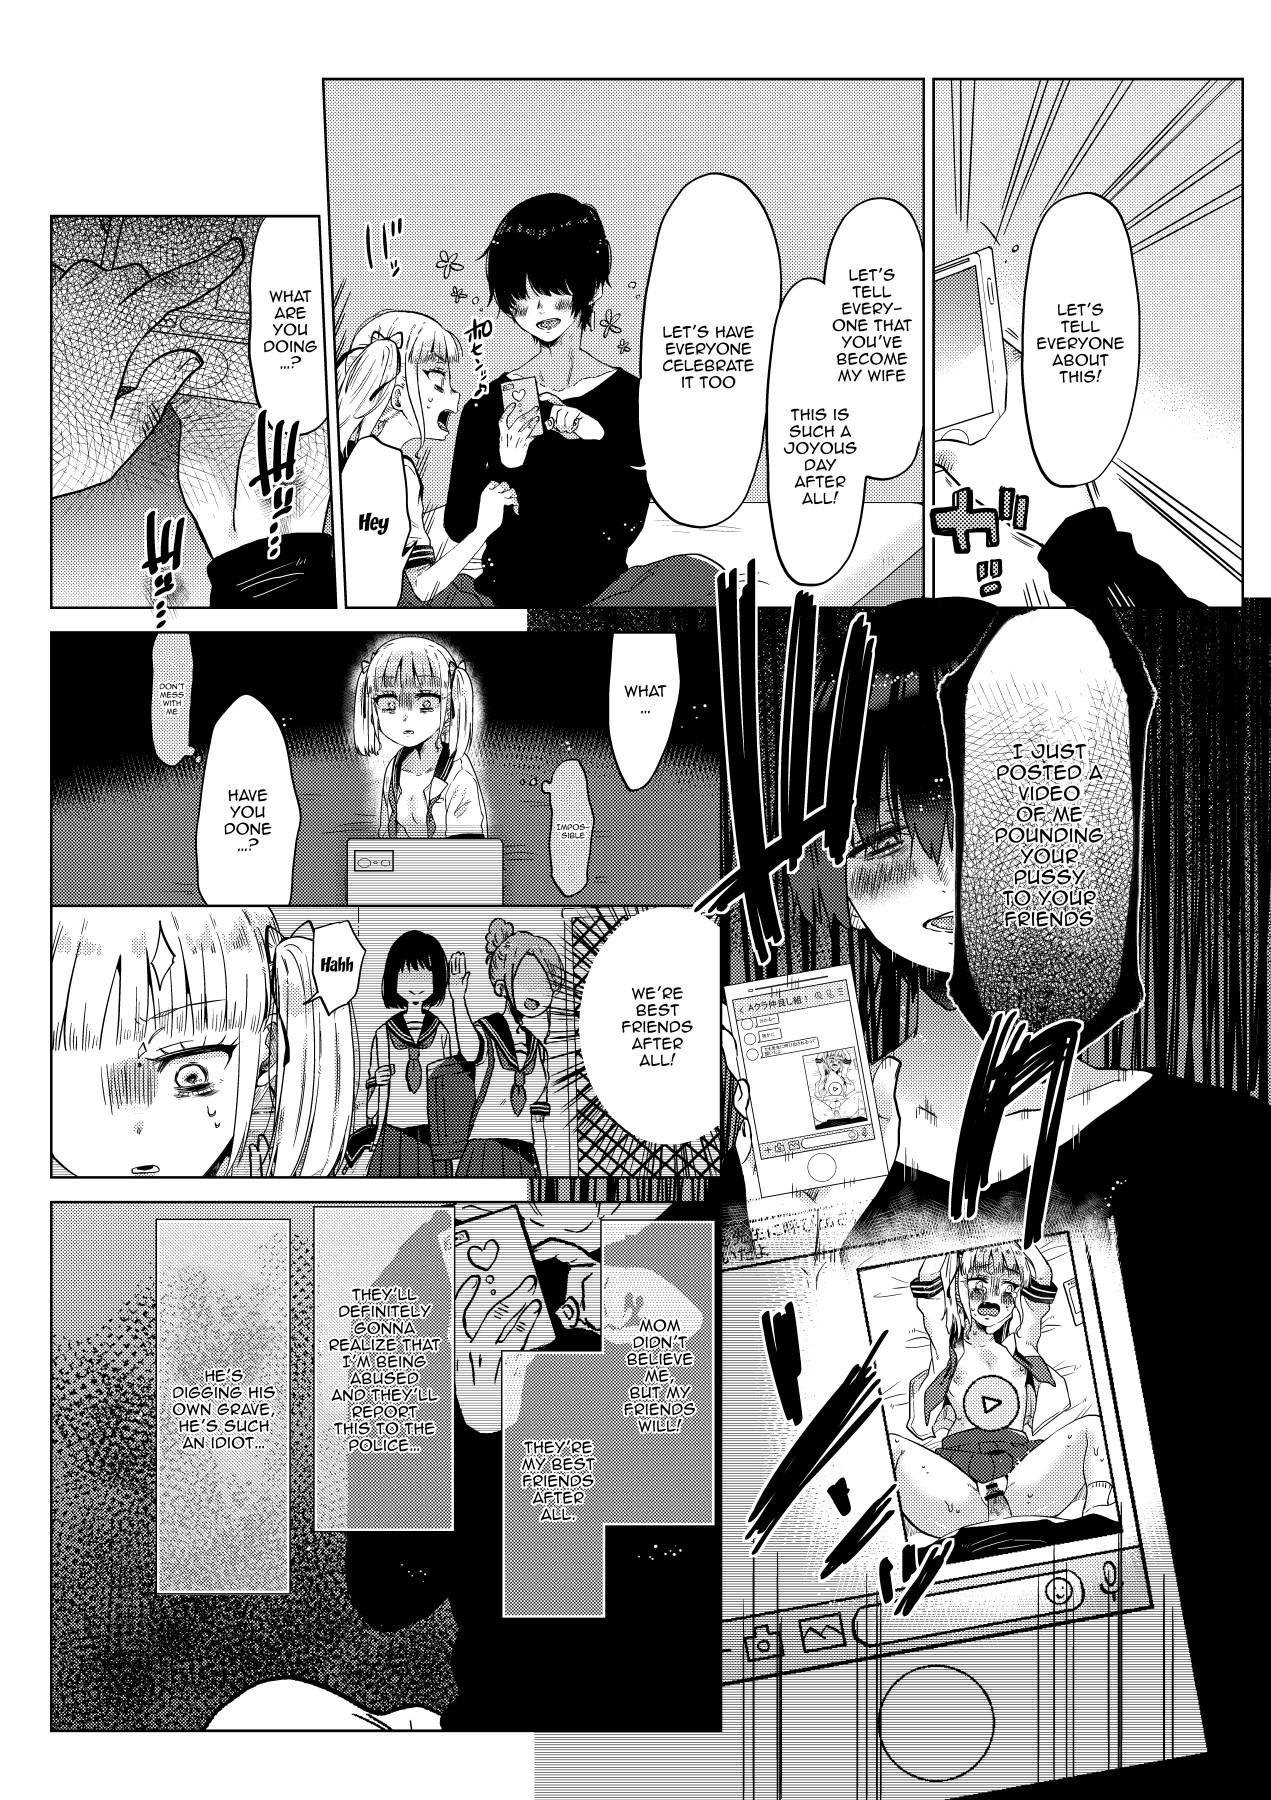 [Circle Mitsuhagane (Menu.)] Hairanhi no Mesugaki JC Ayaka-chan ~Kankin → Tanetsuke Rape no Matsuro~ | Schoolgirl Aya-chan's Ovulation Day ~Confinement Leads To Fucking Raw~ [English] {Doujins.com} 20